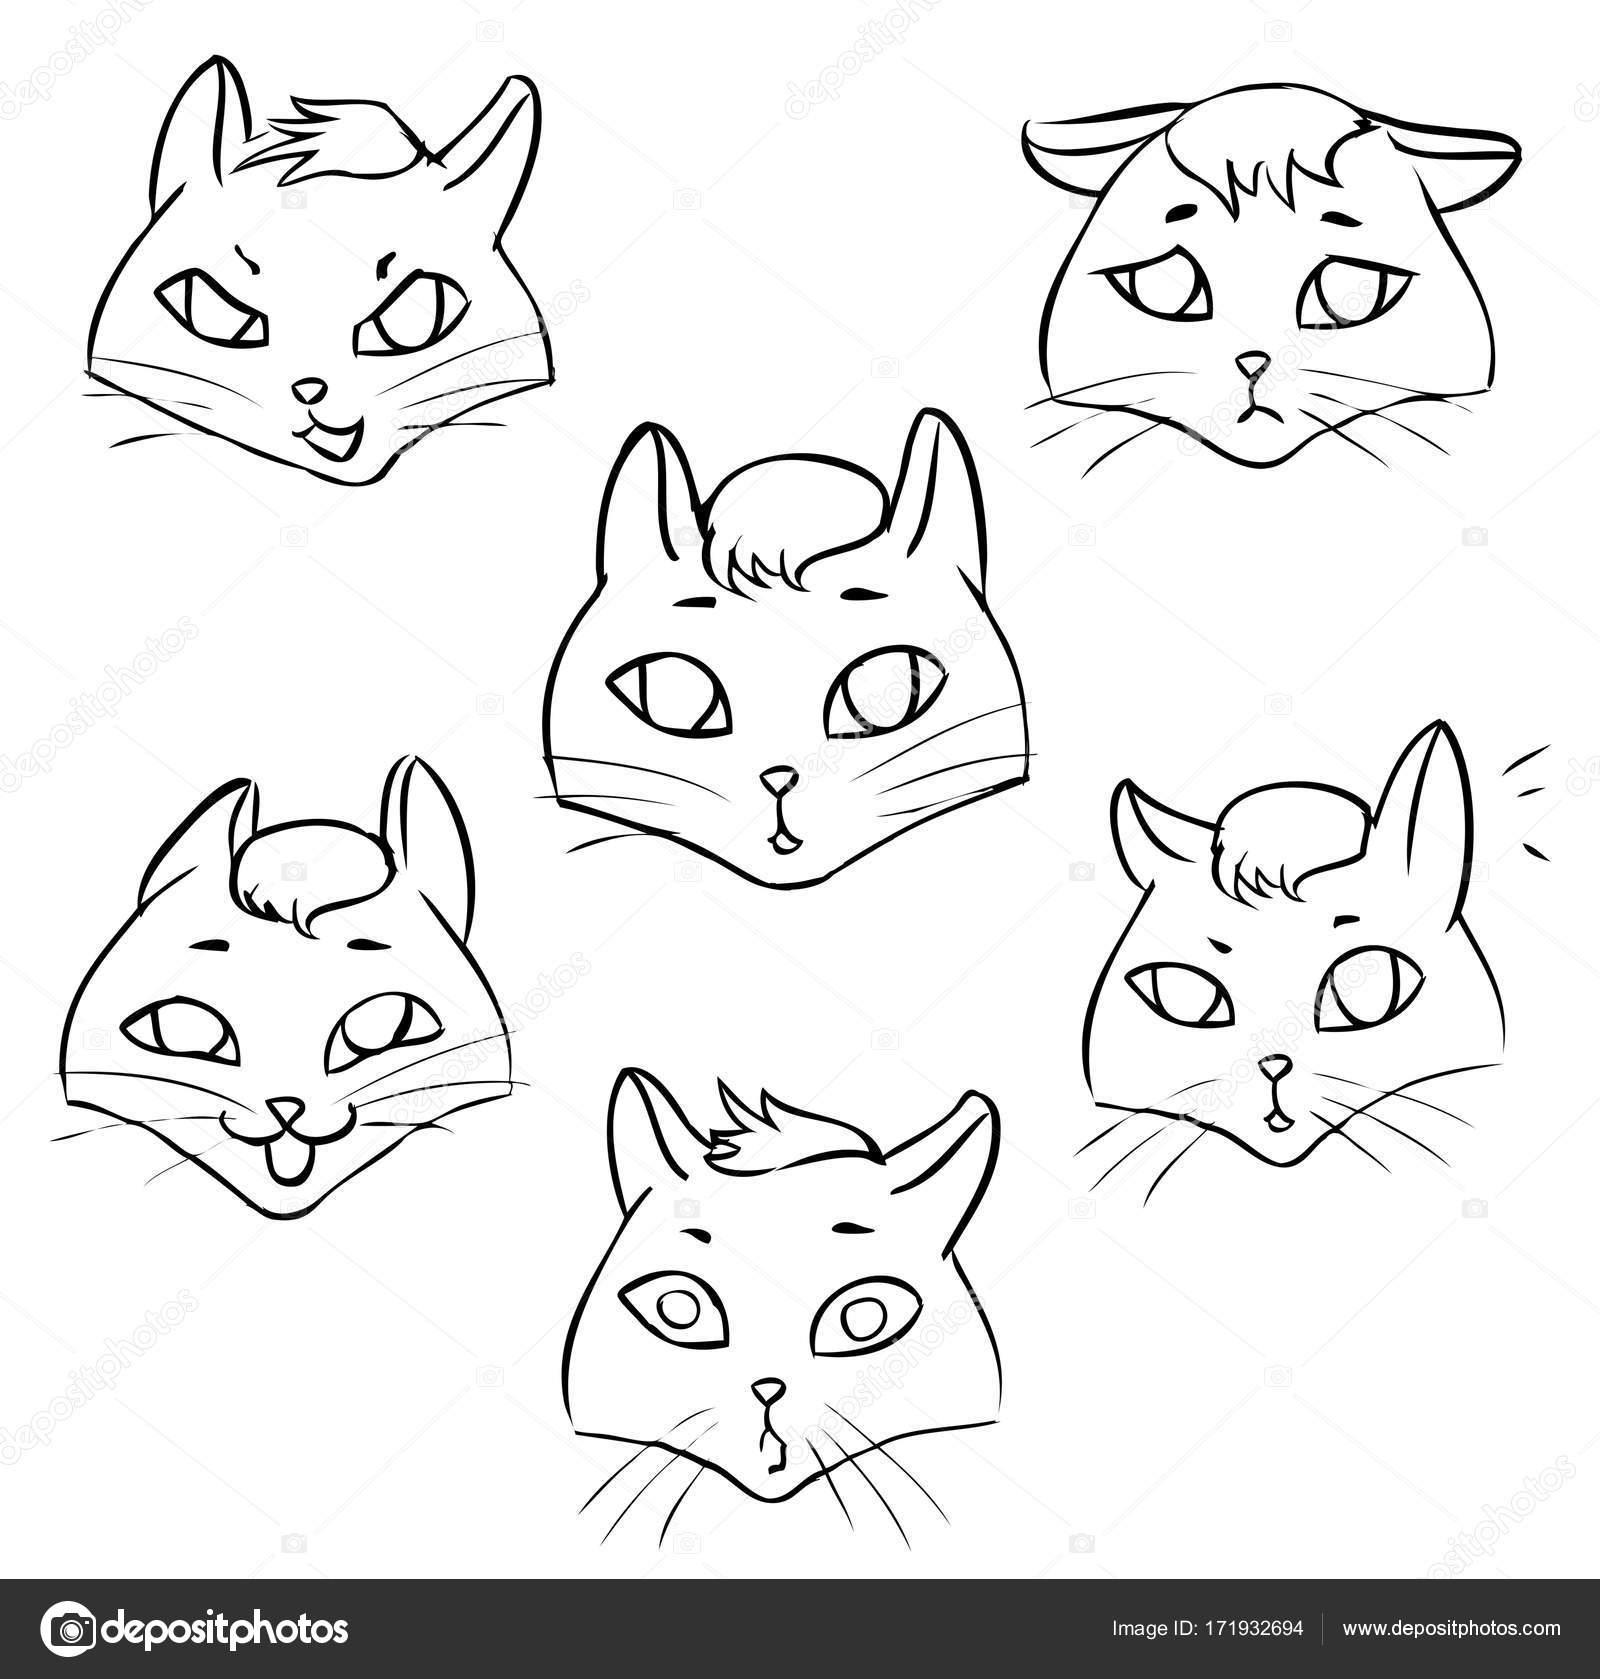 Strichzeichnungen. Malvorlagen Gefühle Katze — Stockvektor ...